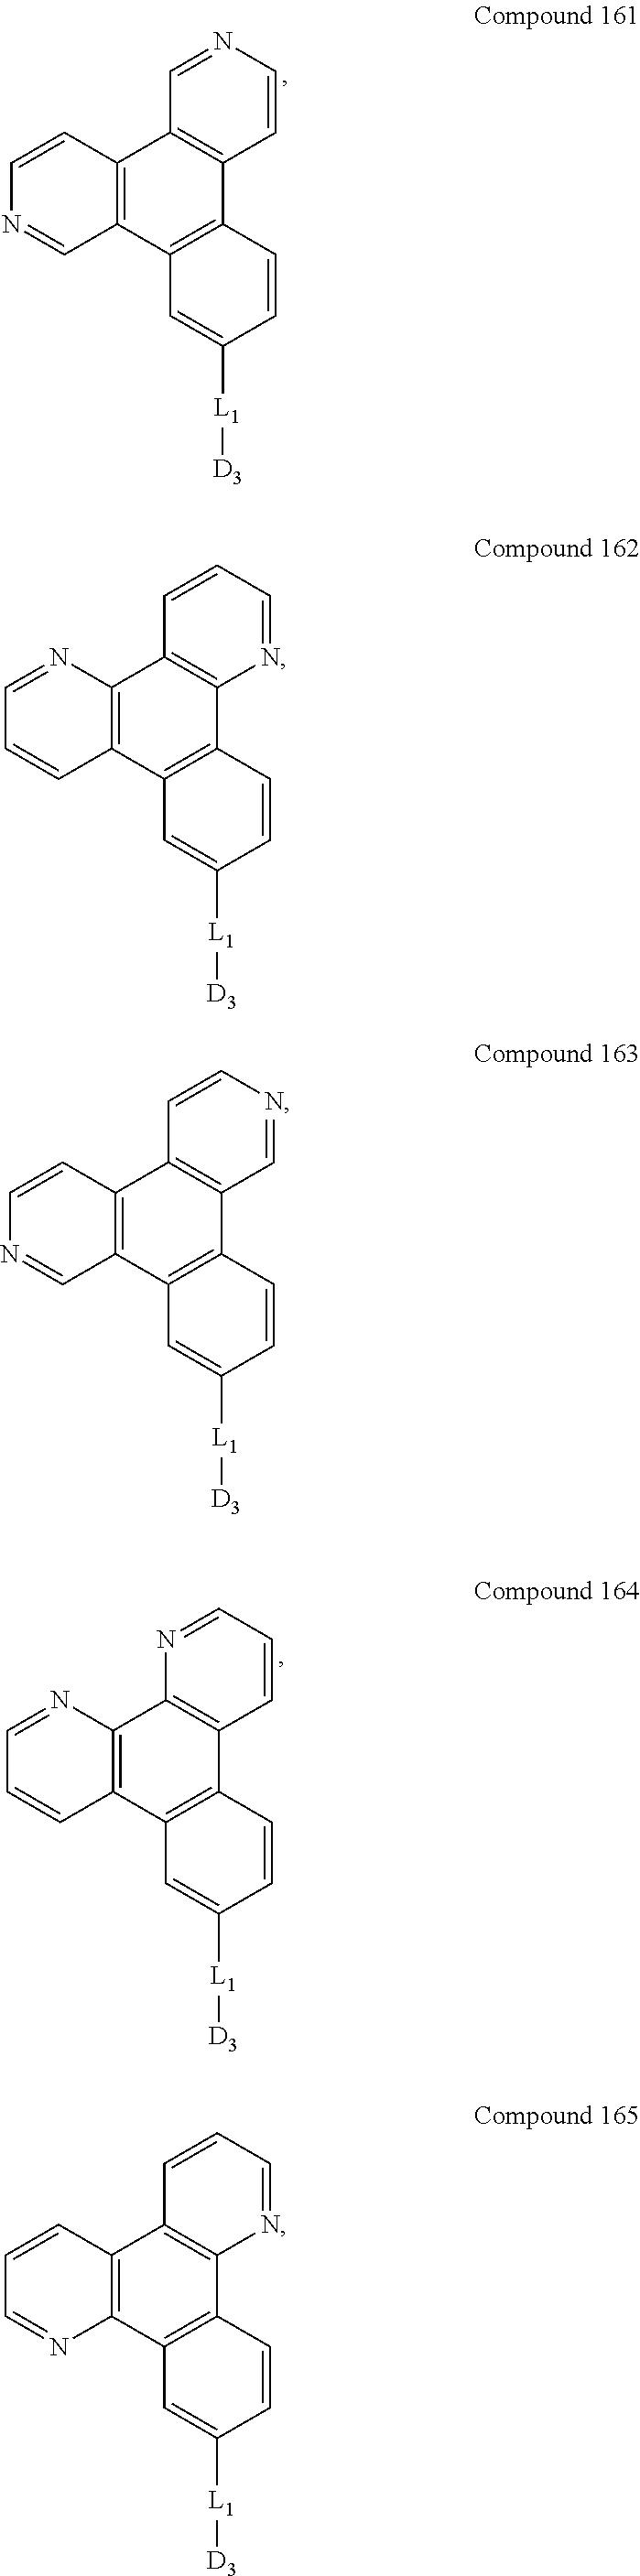 Figure US09537106-20170103-C00519